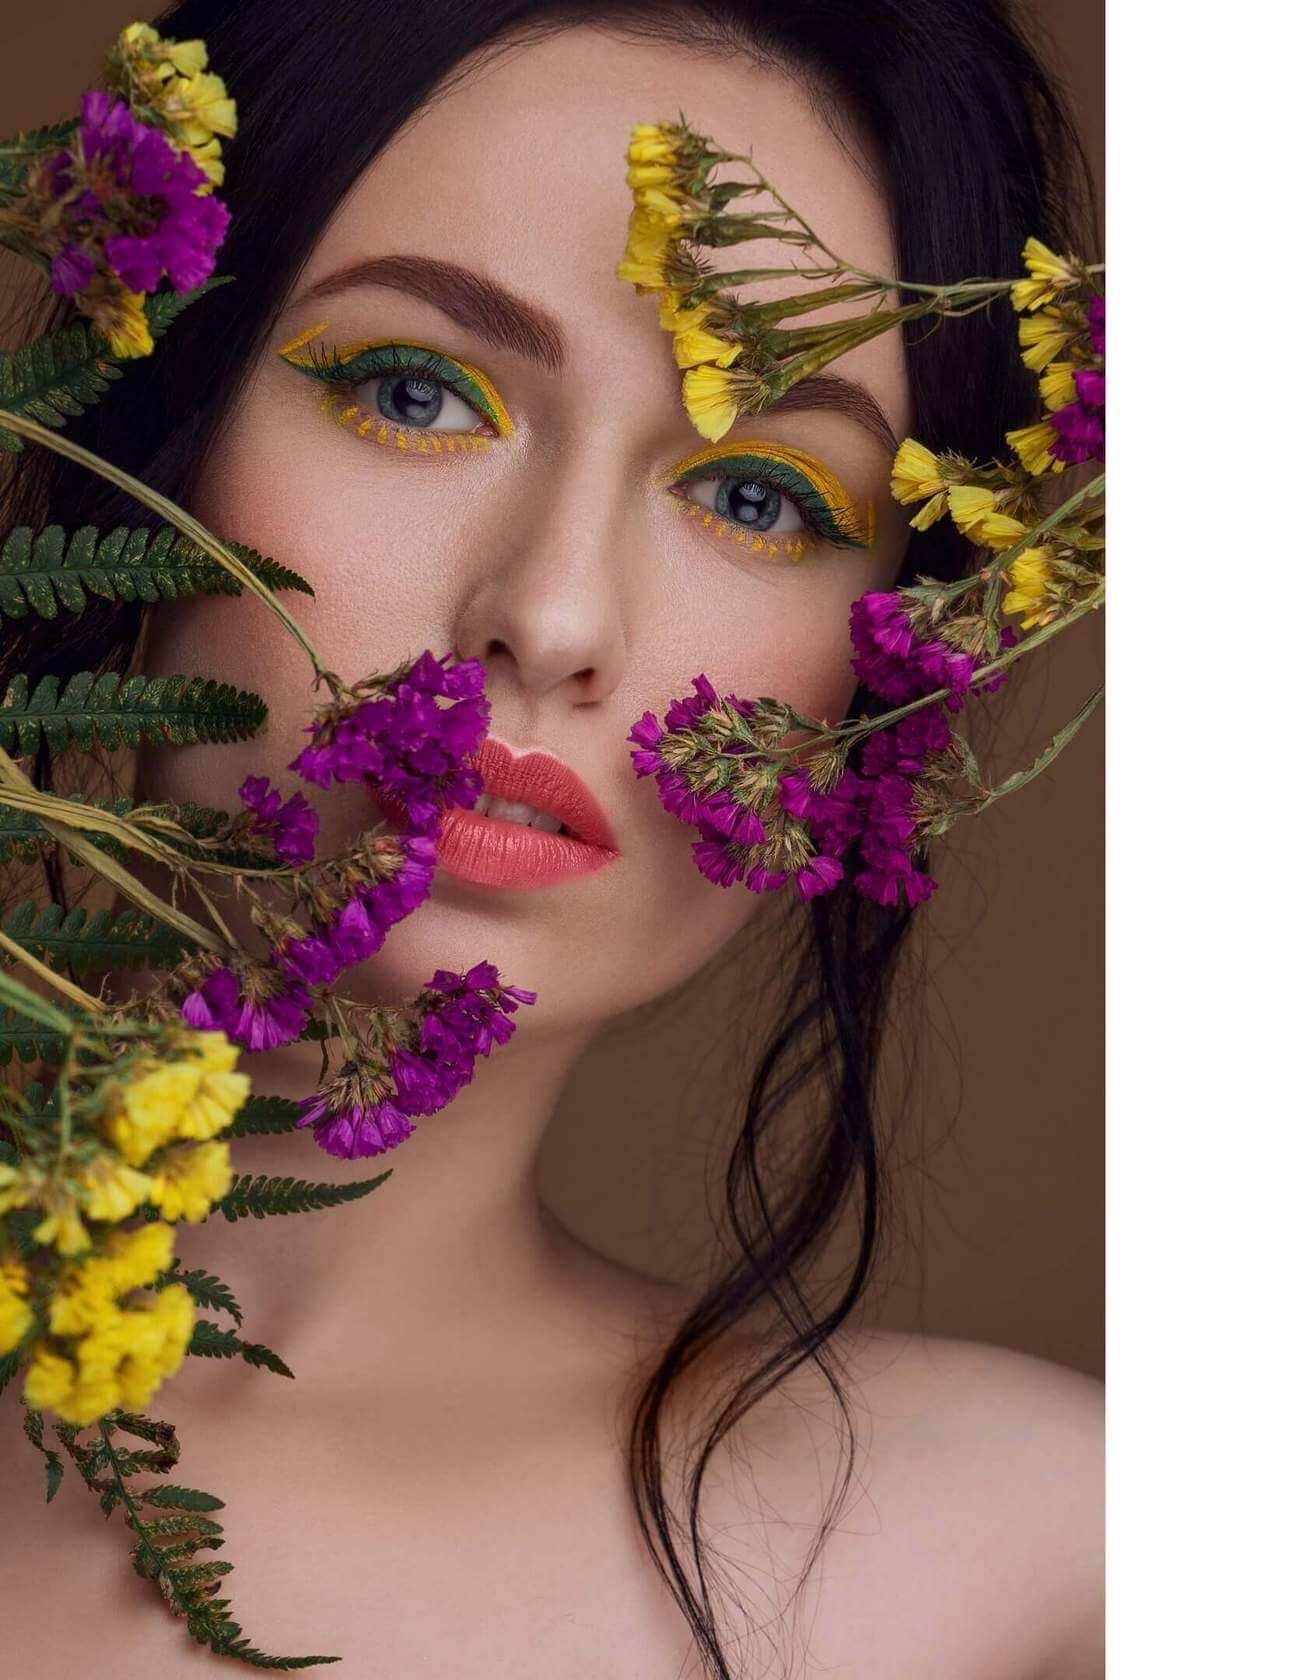 Лучший фотопроект BELARUSIAN MODEL - МАРТ 2020